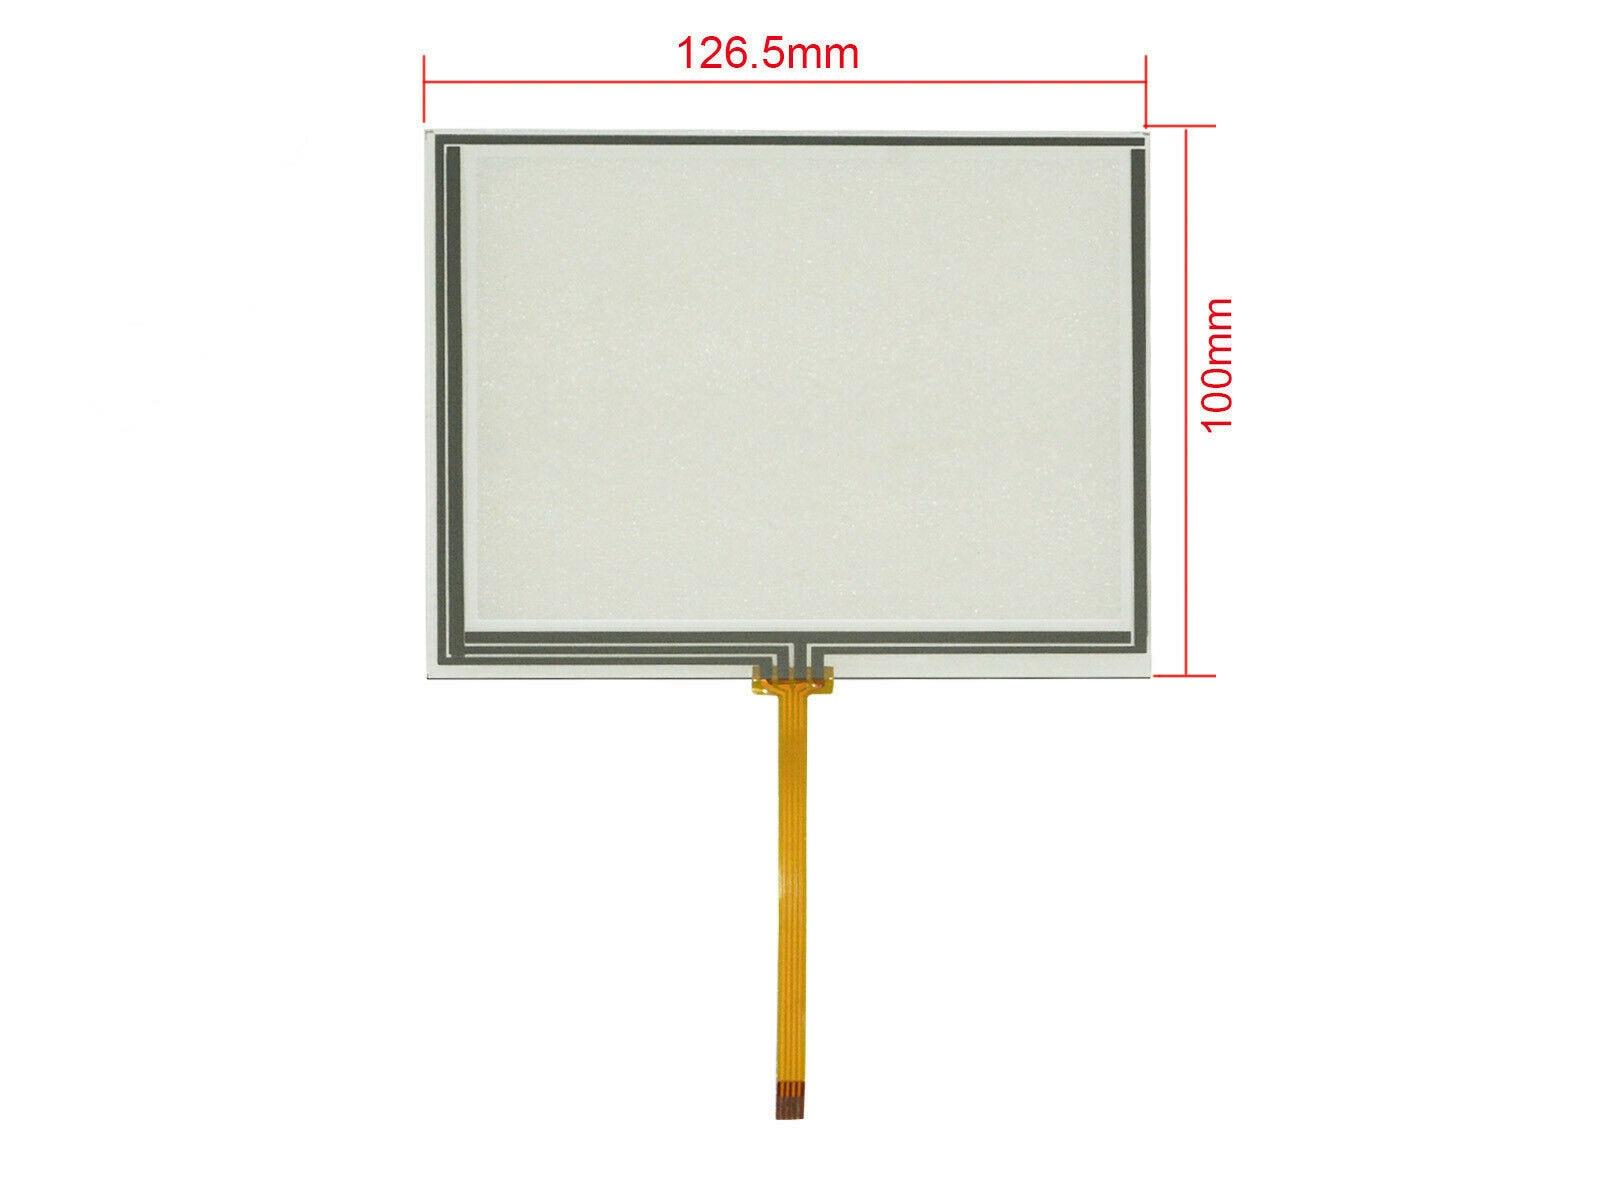 5,6 дюйма 4 провода резистивный сенсорный экран панель дигитайзер для AT056TN52 AT056TN53 AT056TN52/3